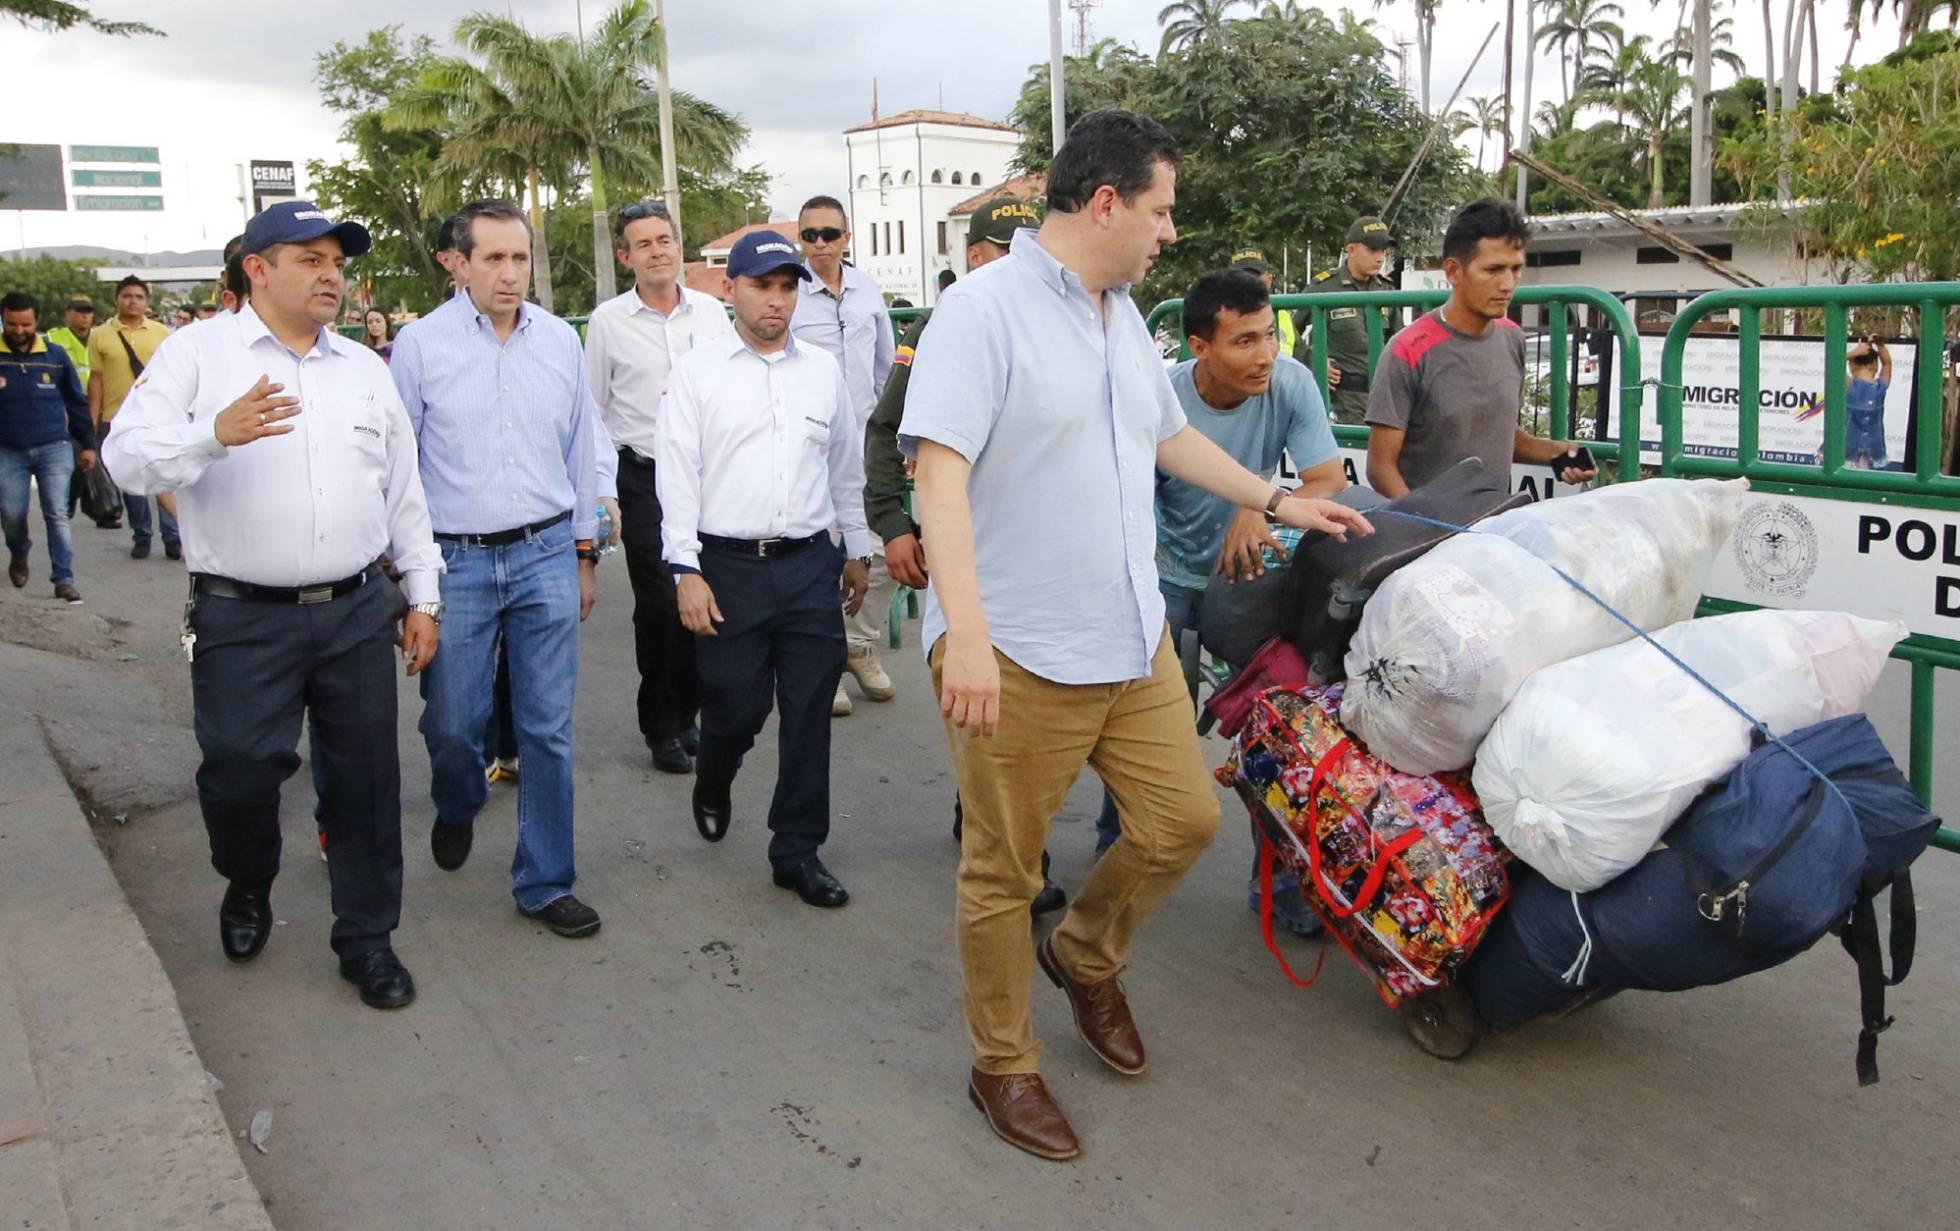 Apoyando a América Latina ante el éxodo venezolano